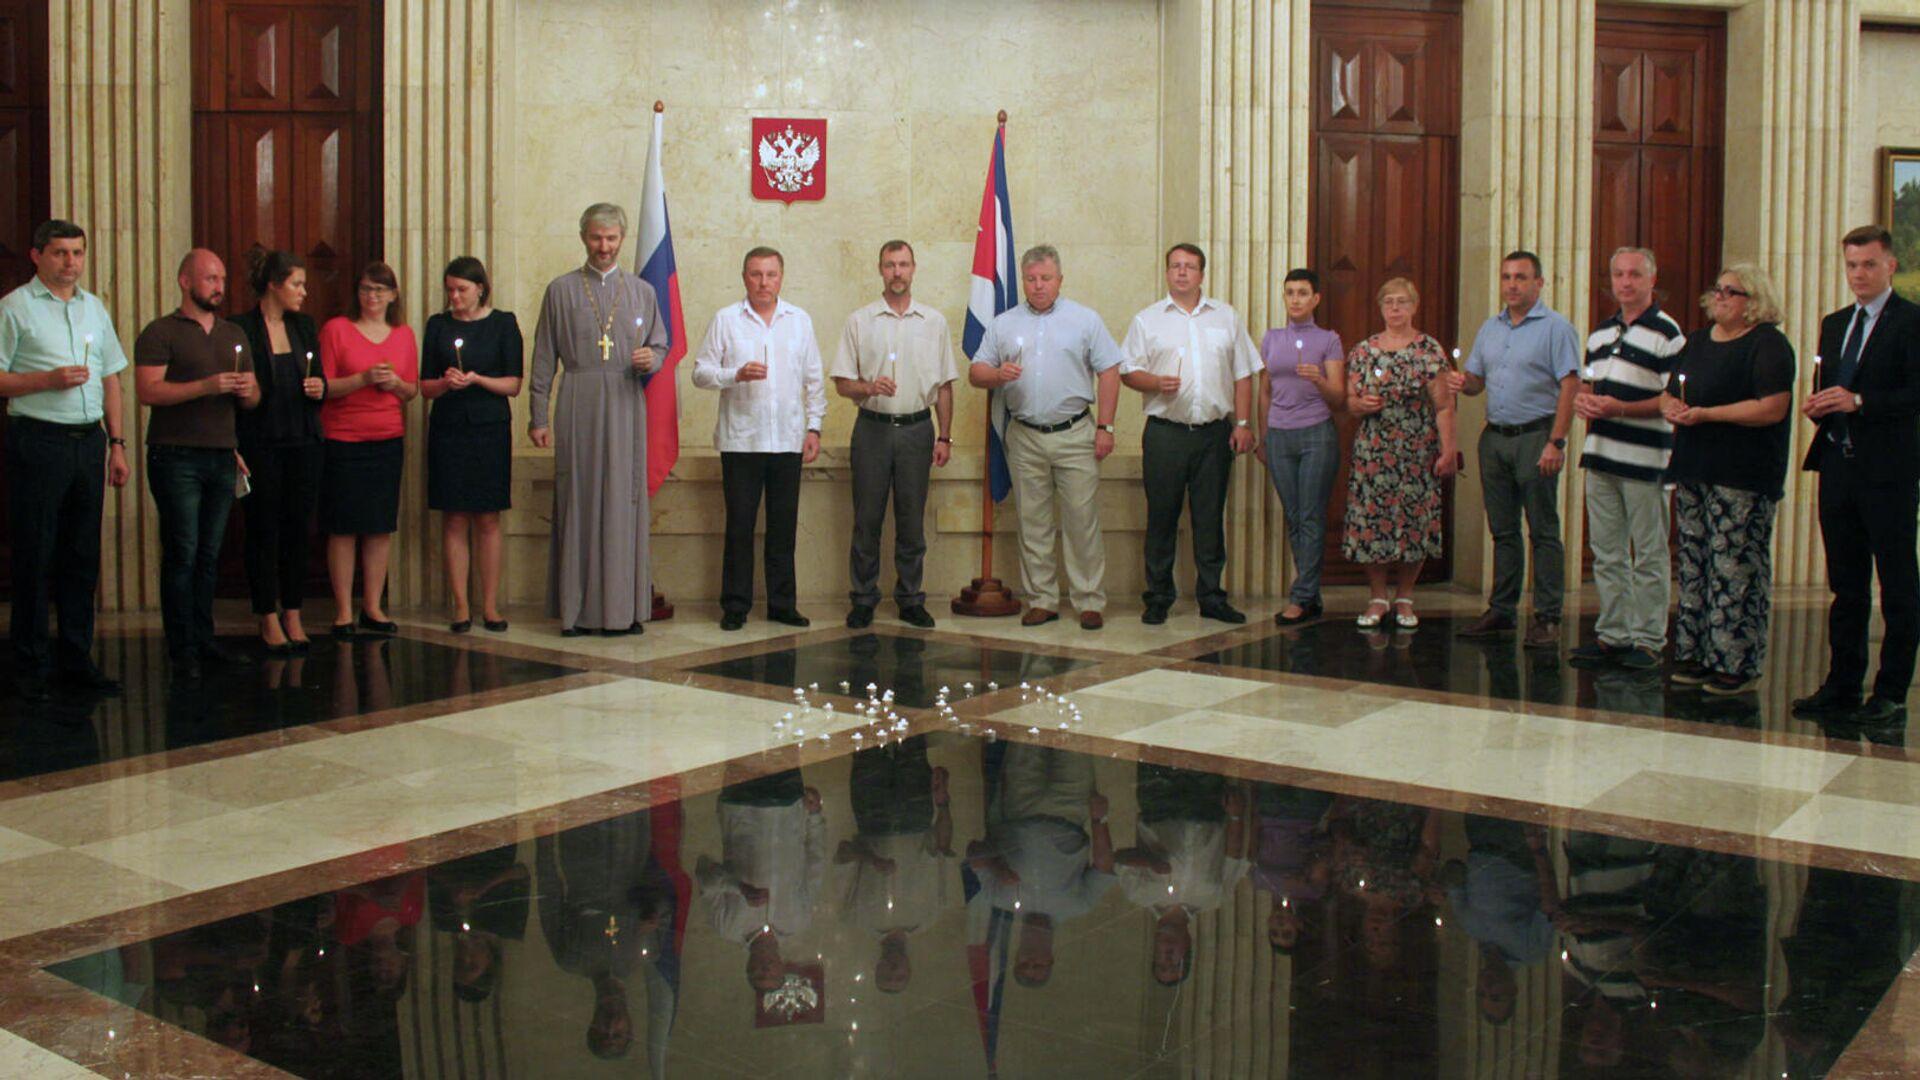 Ceremonia de la Vela de la Memoria en la embajada rusa en Cuba - Sputnik Mundo, 1920, 22.06.2021